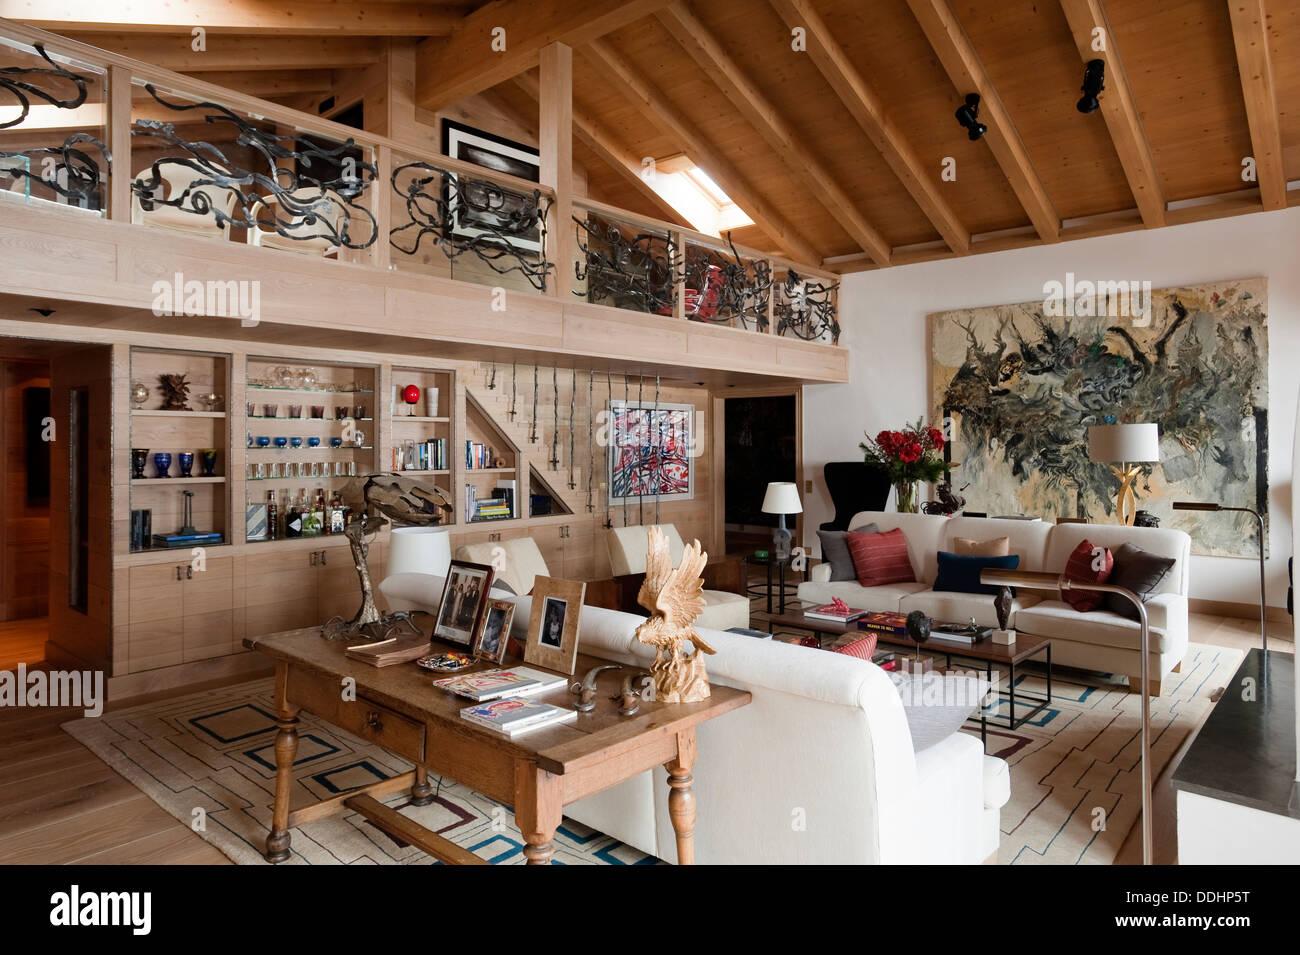 Swiss Chalet mit Interieur entworfen von Tino Zervudachi, Gstaad ...